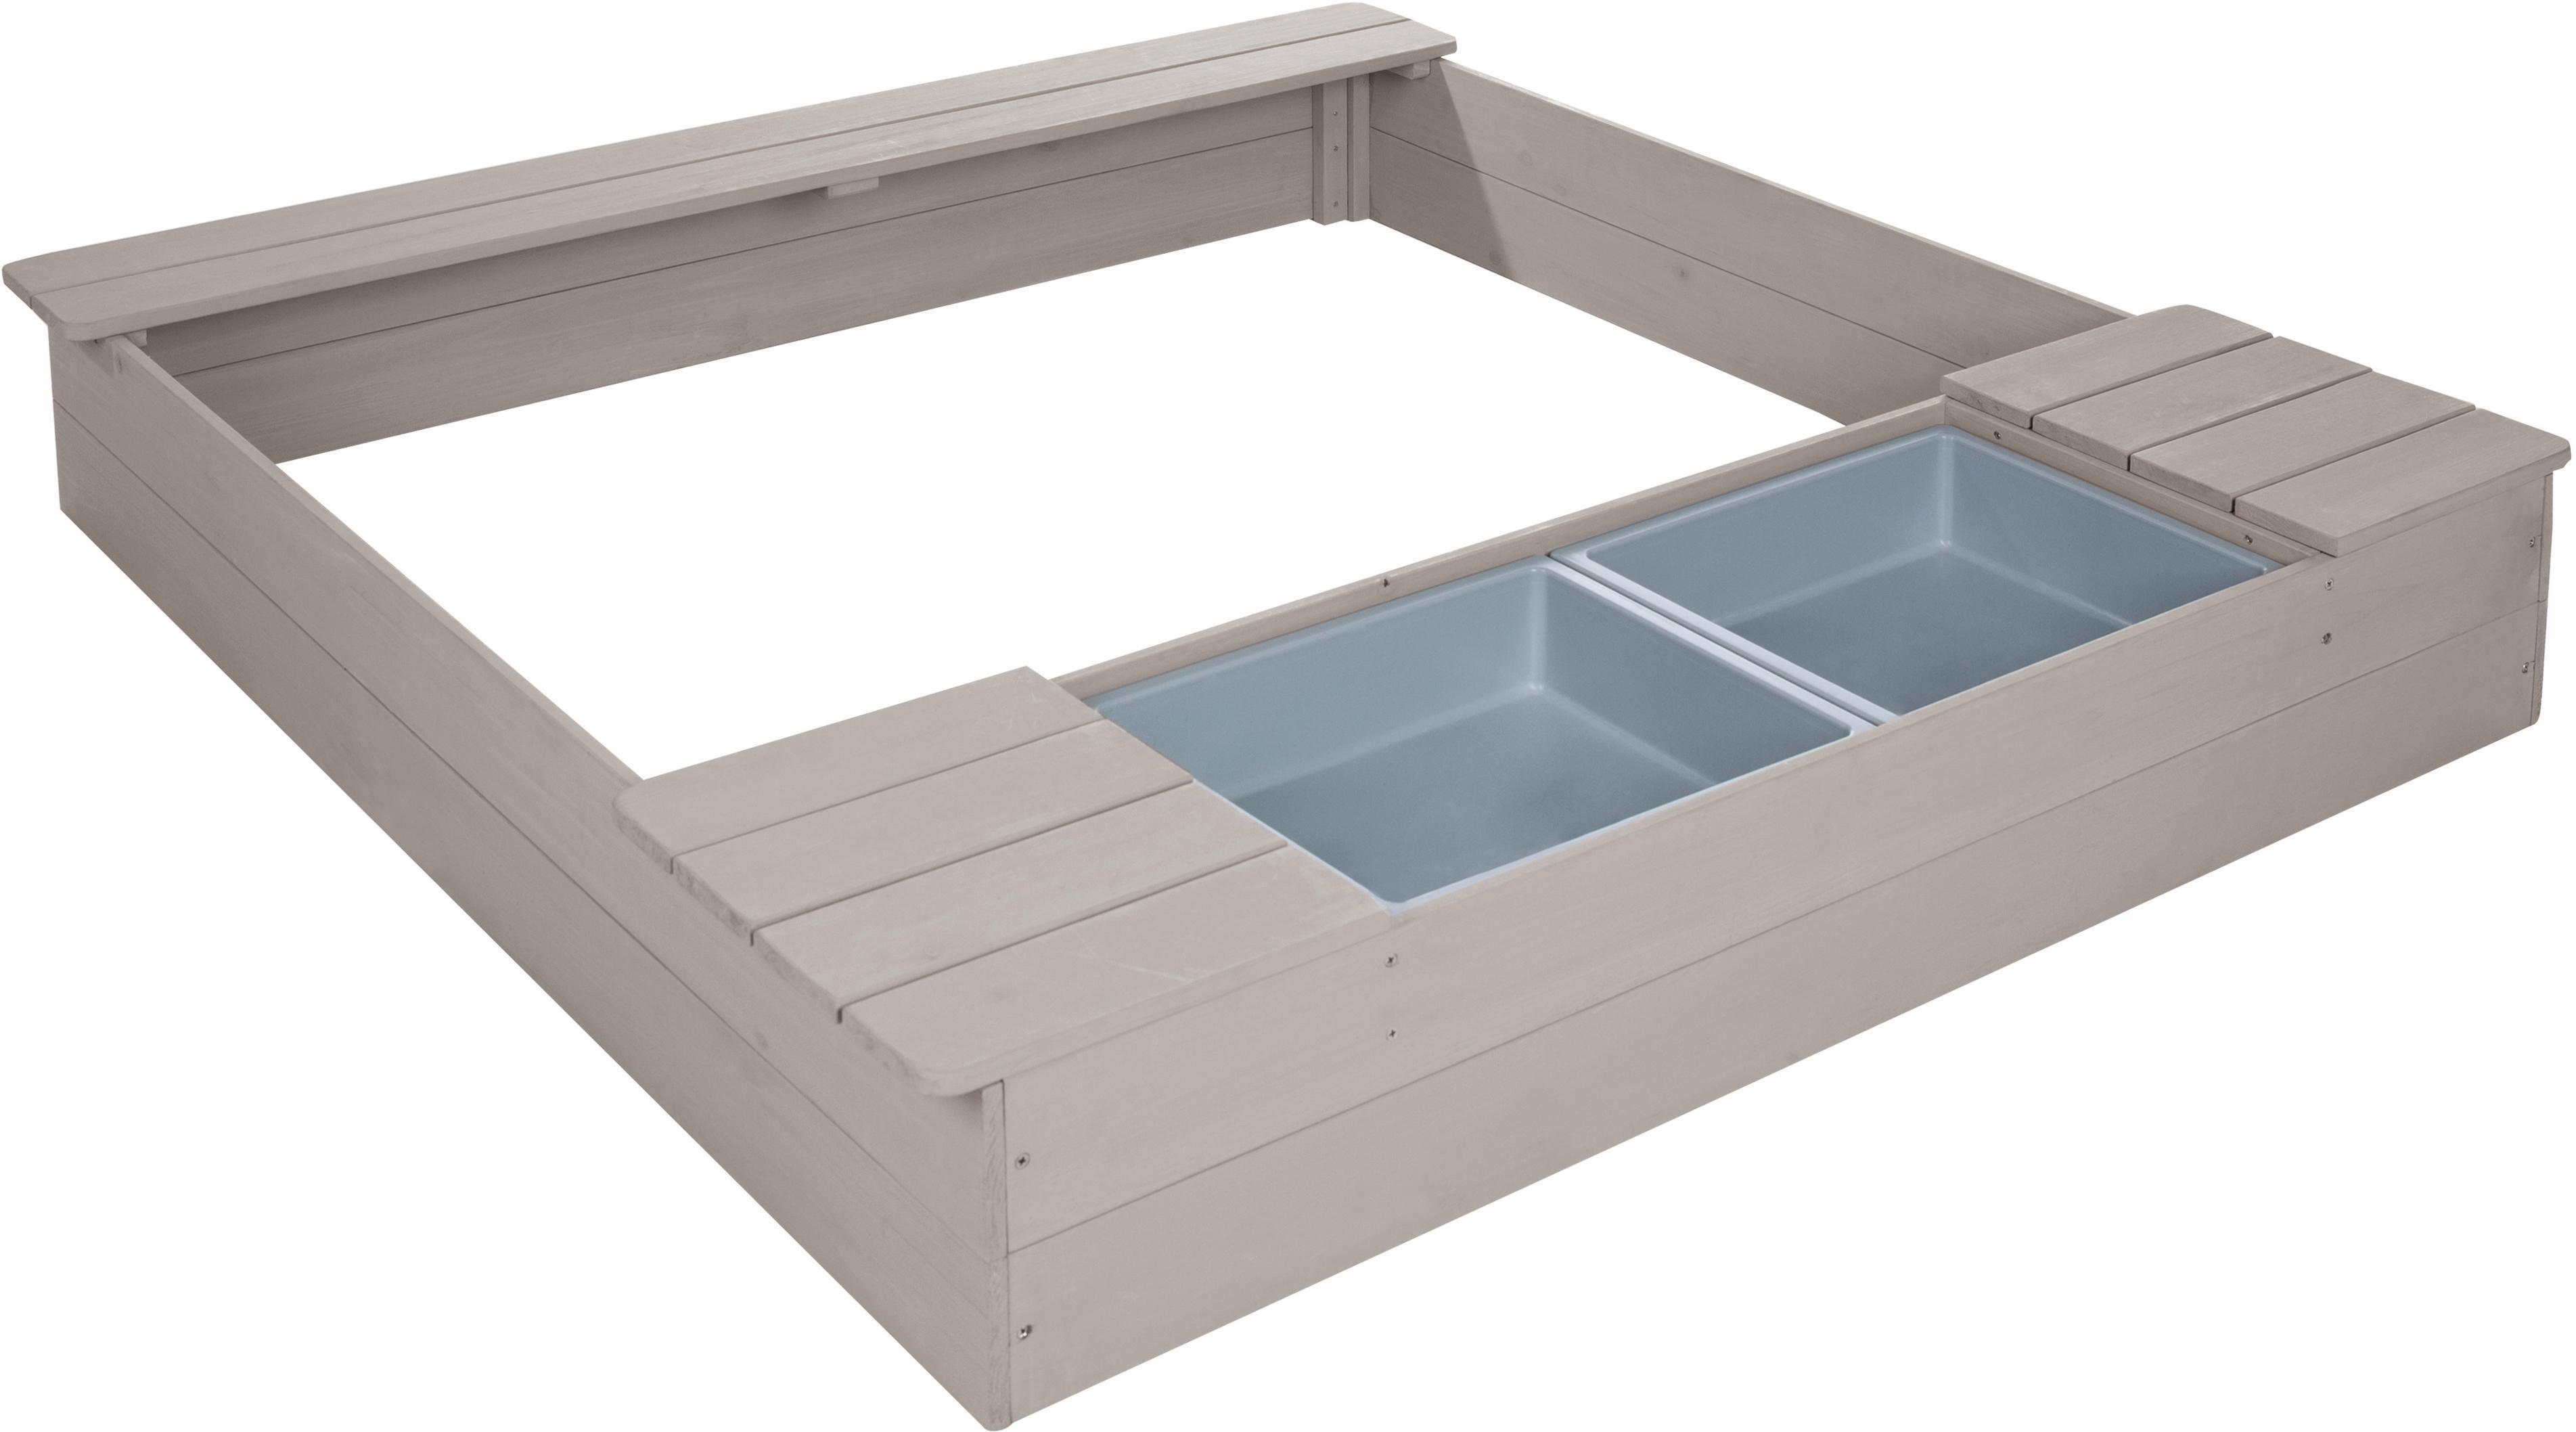 Roba zandbak met speelbak, bxd: ca. 121x125 cm bestellen: 14 dagen bedenktijd